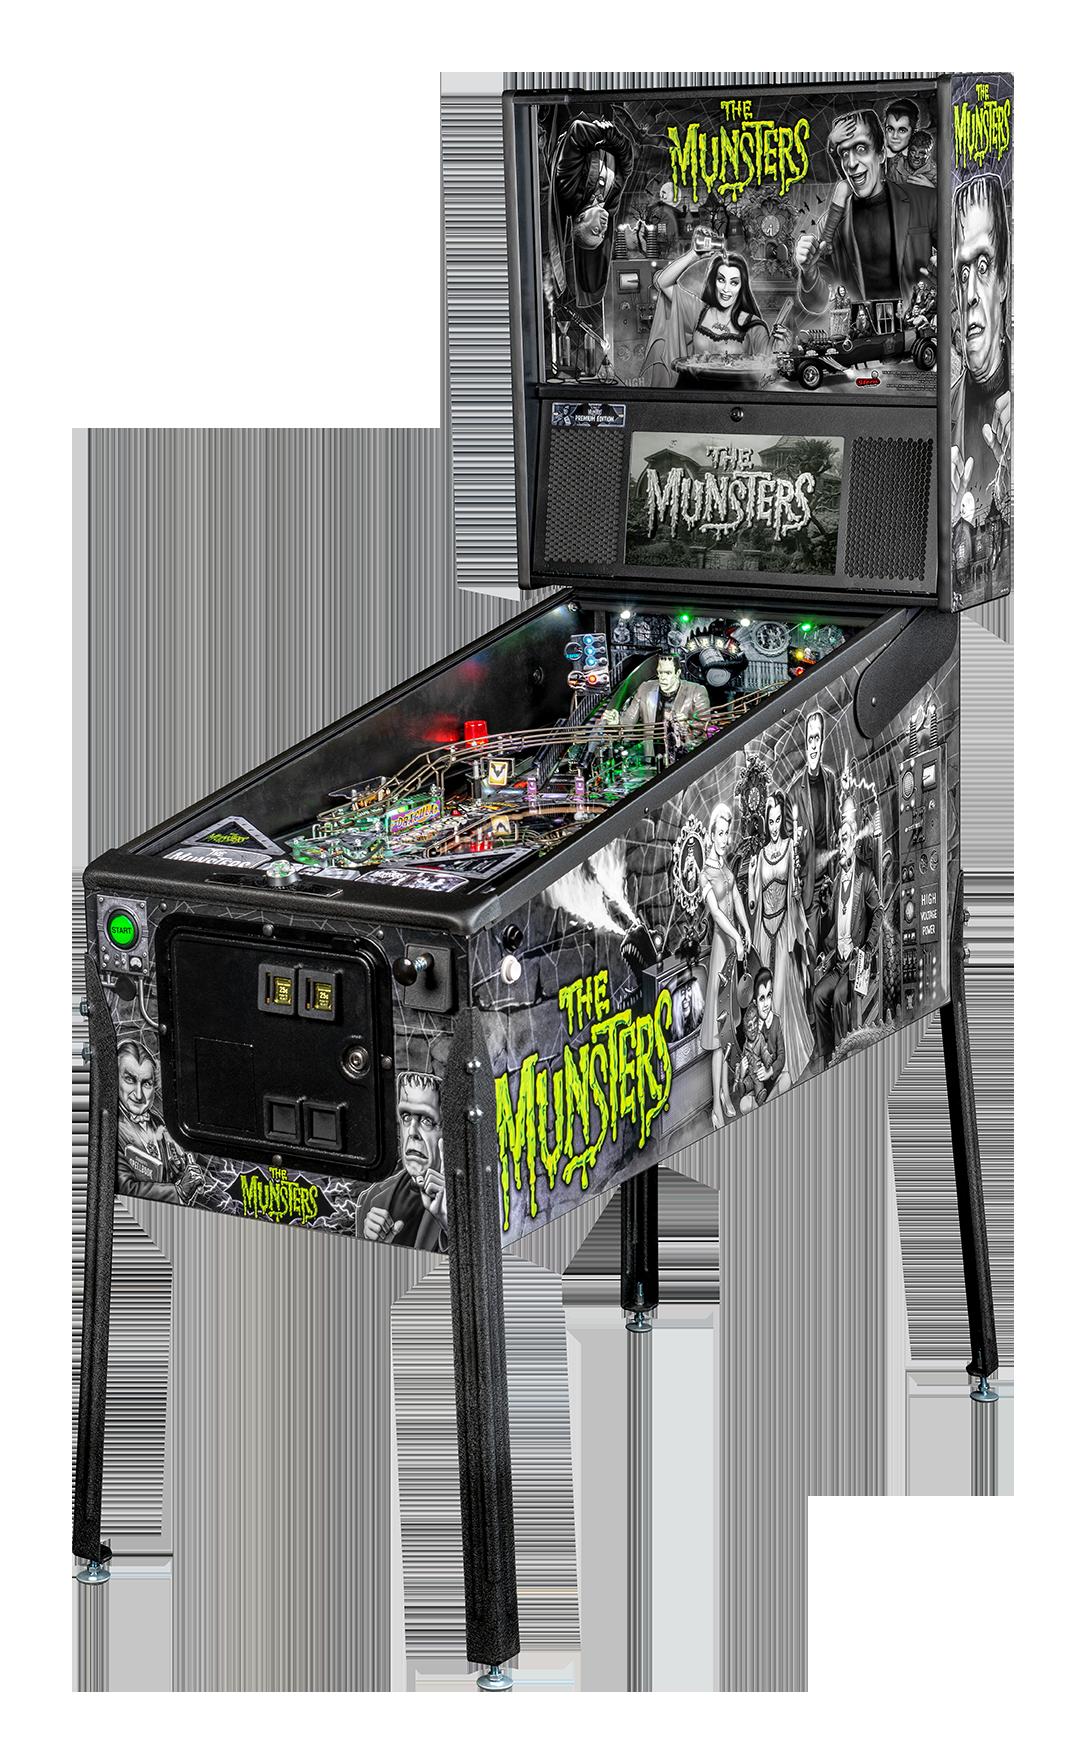 Munsters-Pinball-Premium-Cabinet-LF